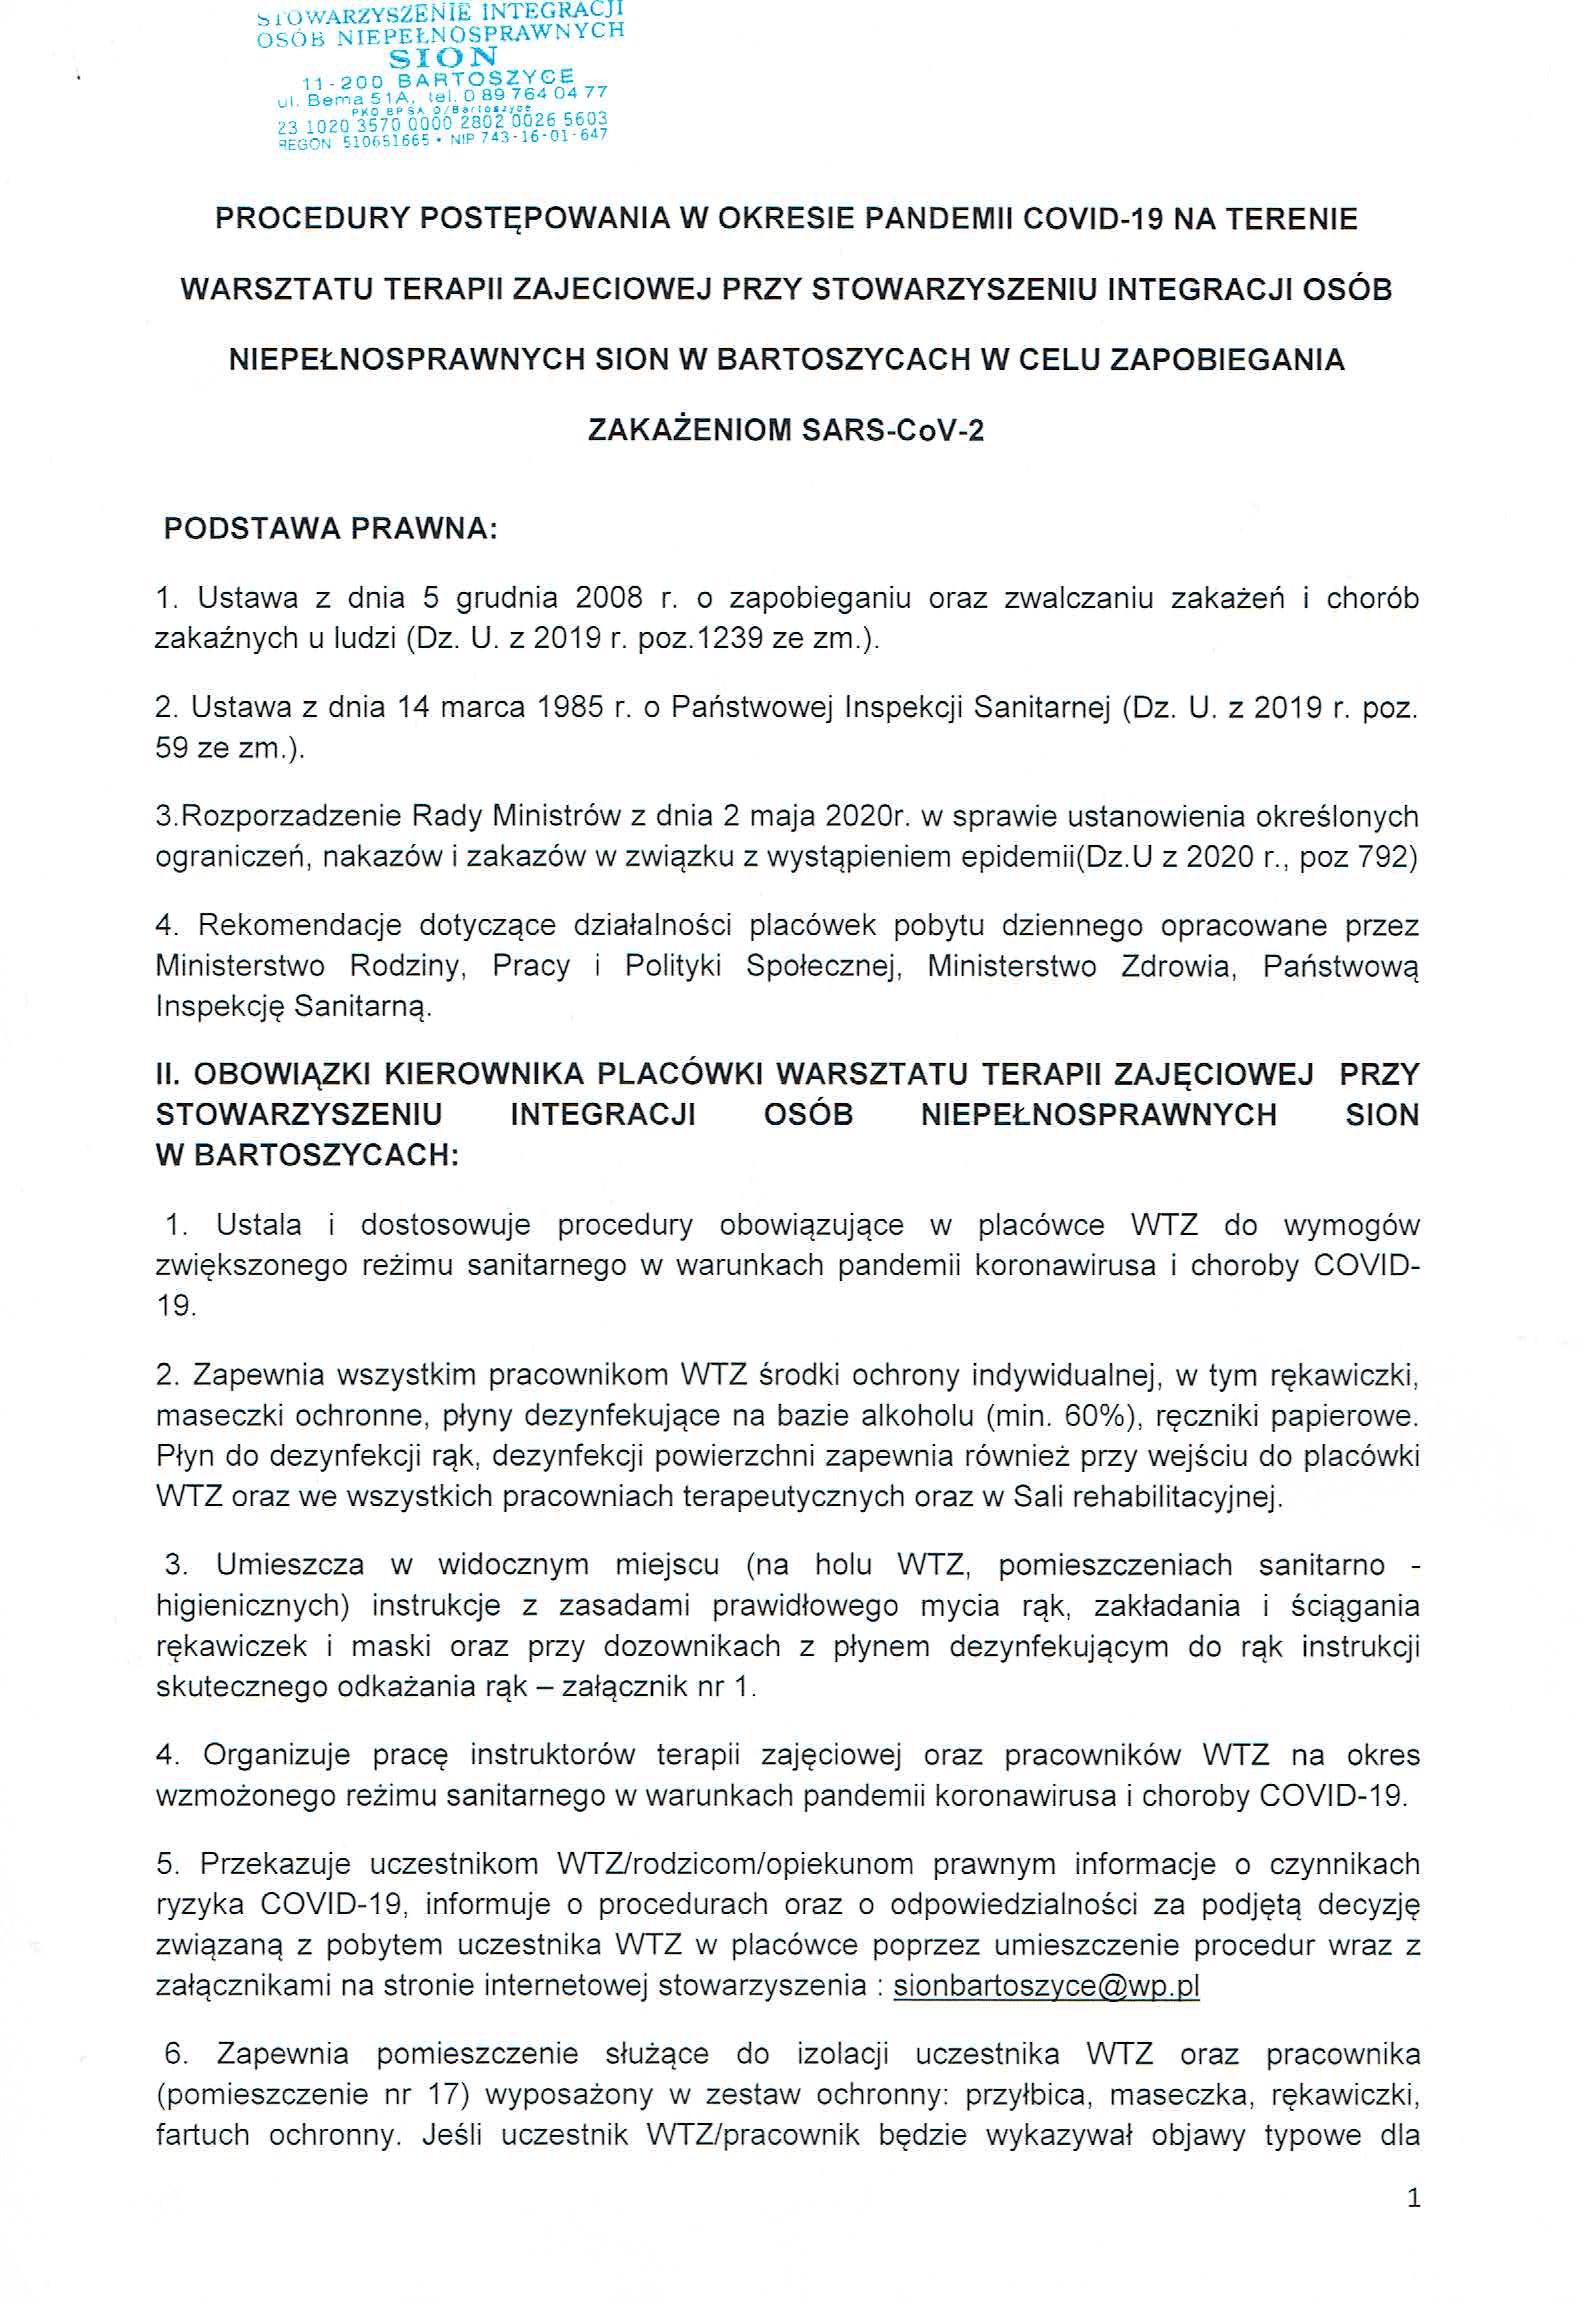 Procedury-postepowania-w-okresie-pandemii-COVID-19-1